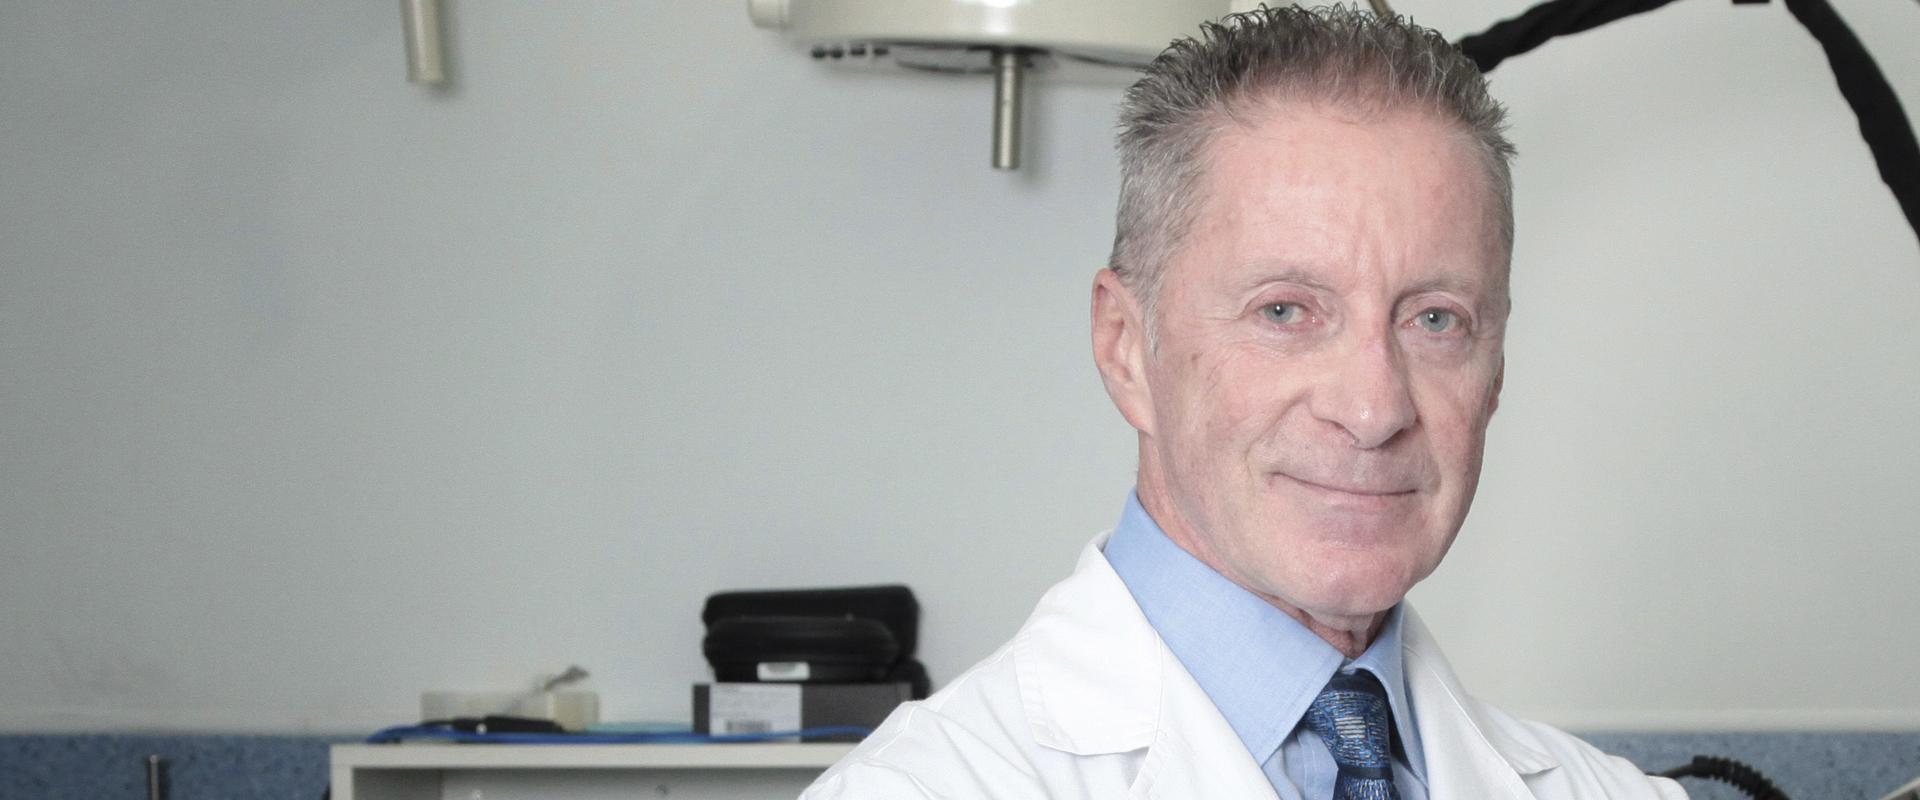 Il caso di Giovanna S: i danni di ripetute sclerosanti agli arti inferiori